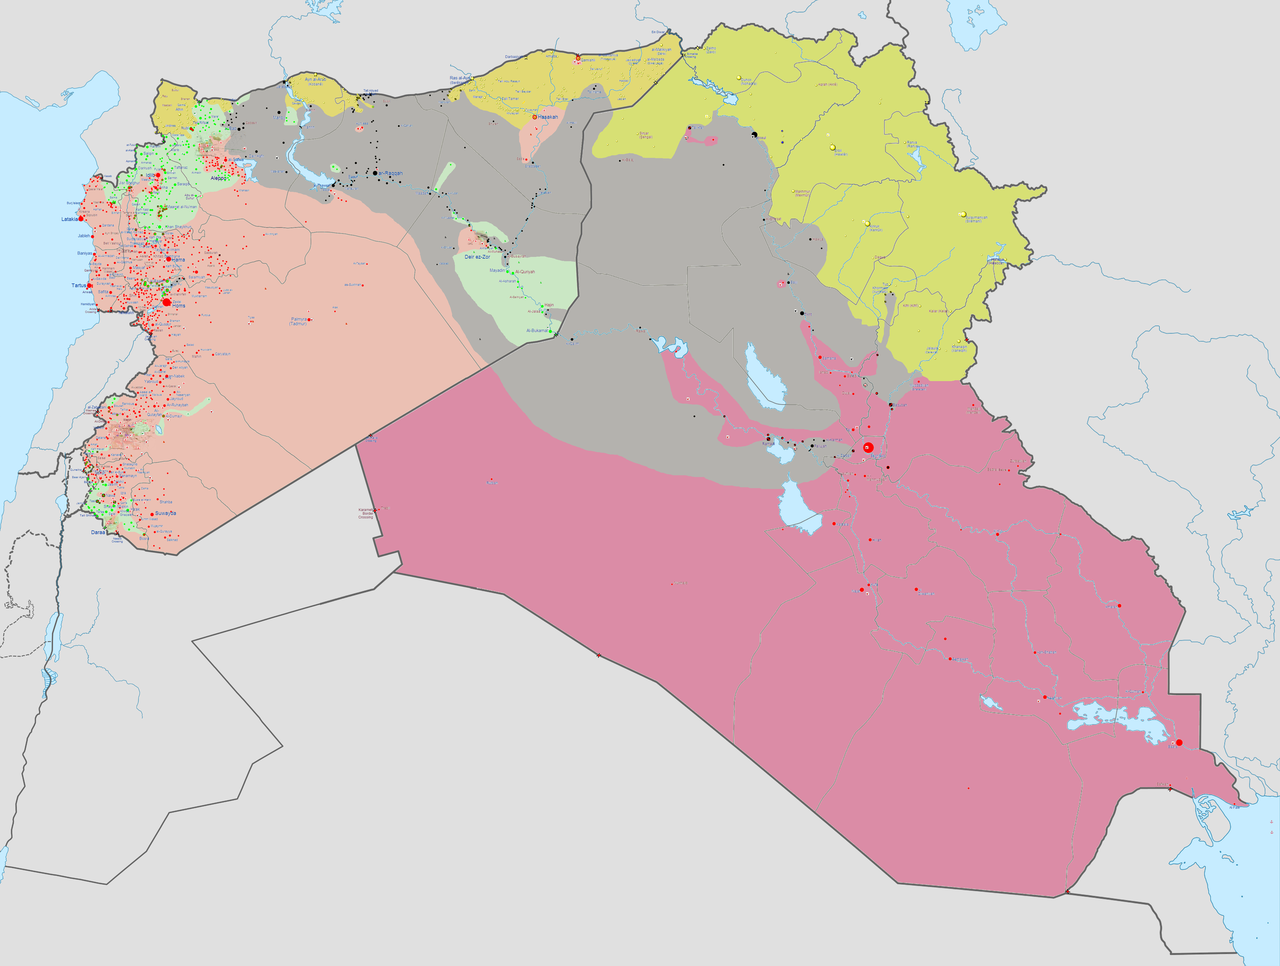 Syrien Irak Karte.Landkartenblog Landkarte Des Machtgebiets Der Isis Rebellen In